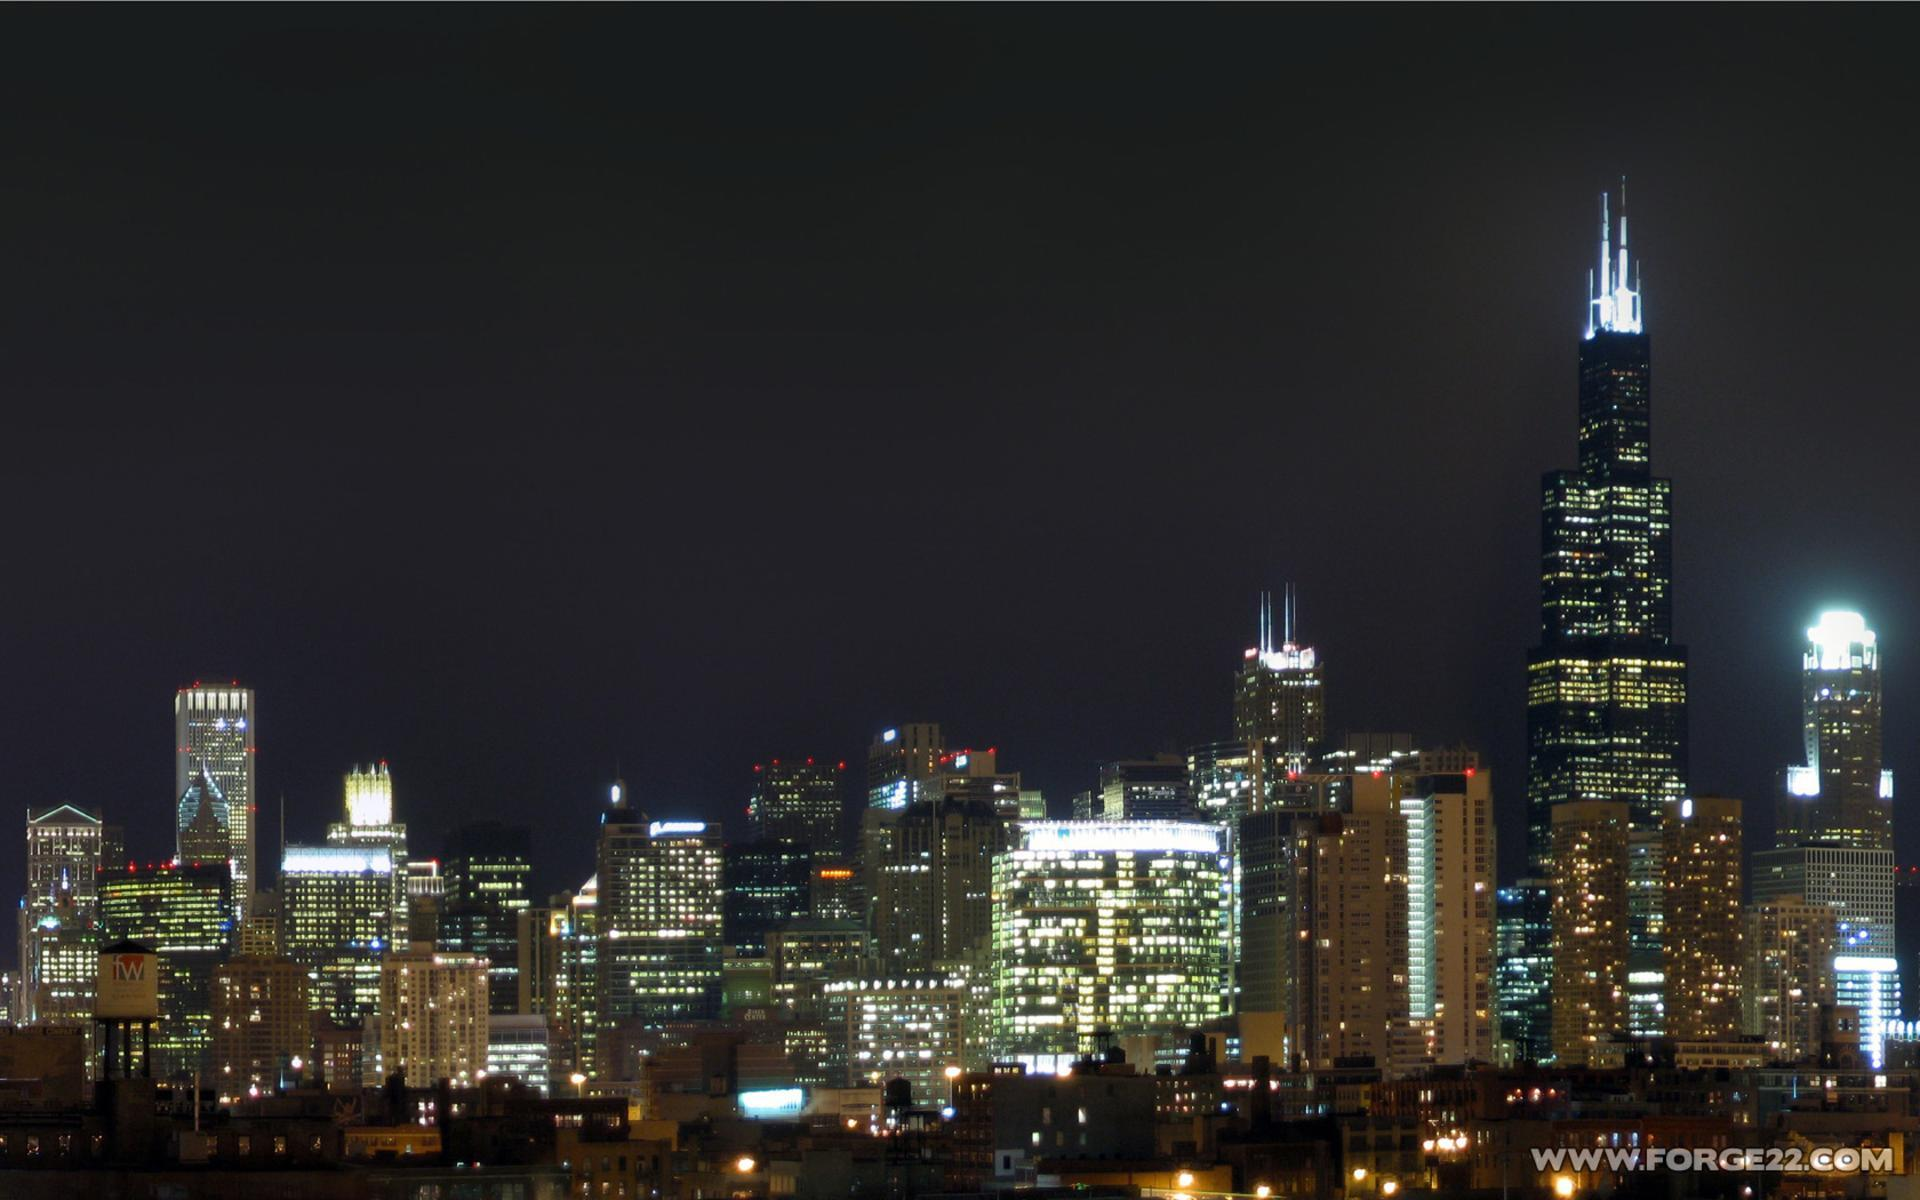 Chicago At Night Wallpaper: Night Skyline Wallpaper